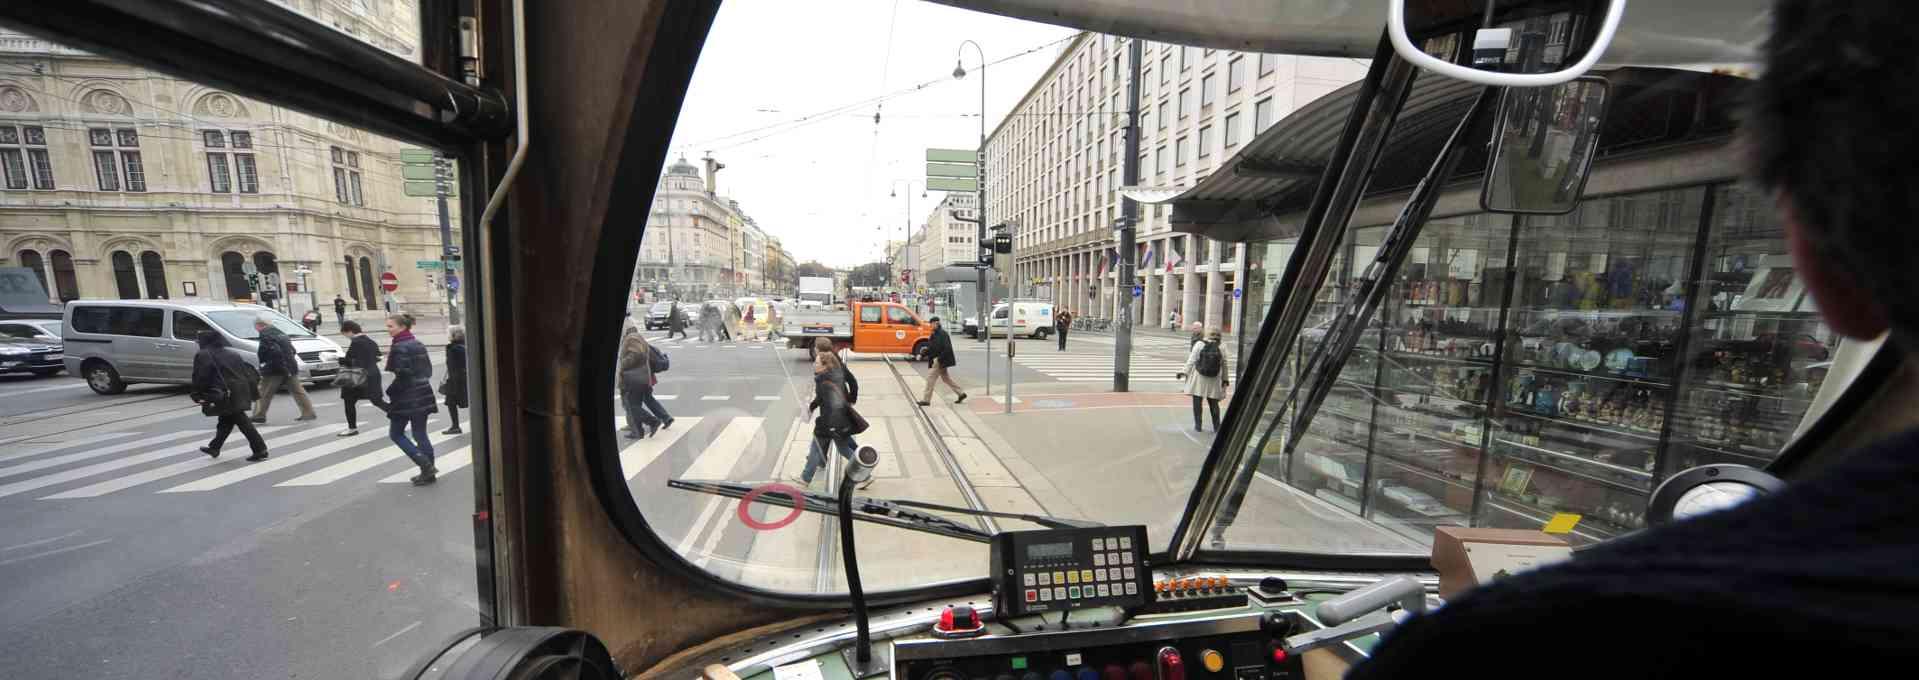 Wir bieten angehenden FahrschullehrerInnen die Möglichkeit, einen Tag lang Straßenbahn zu fahren.